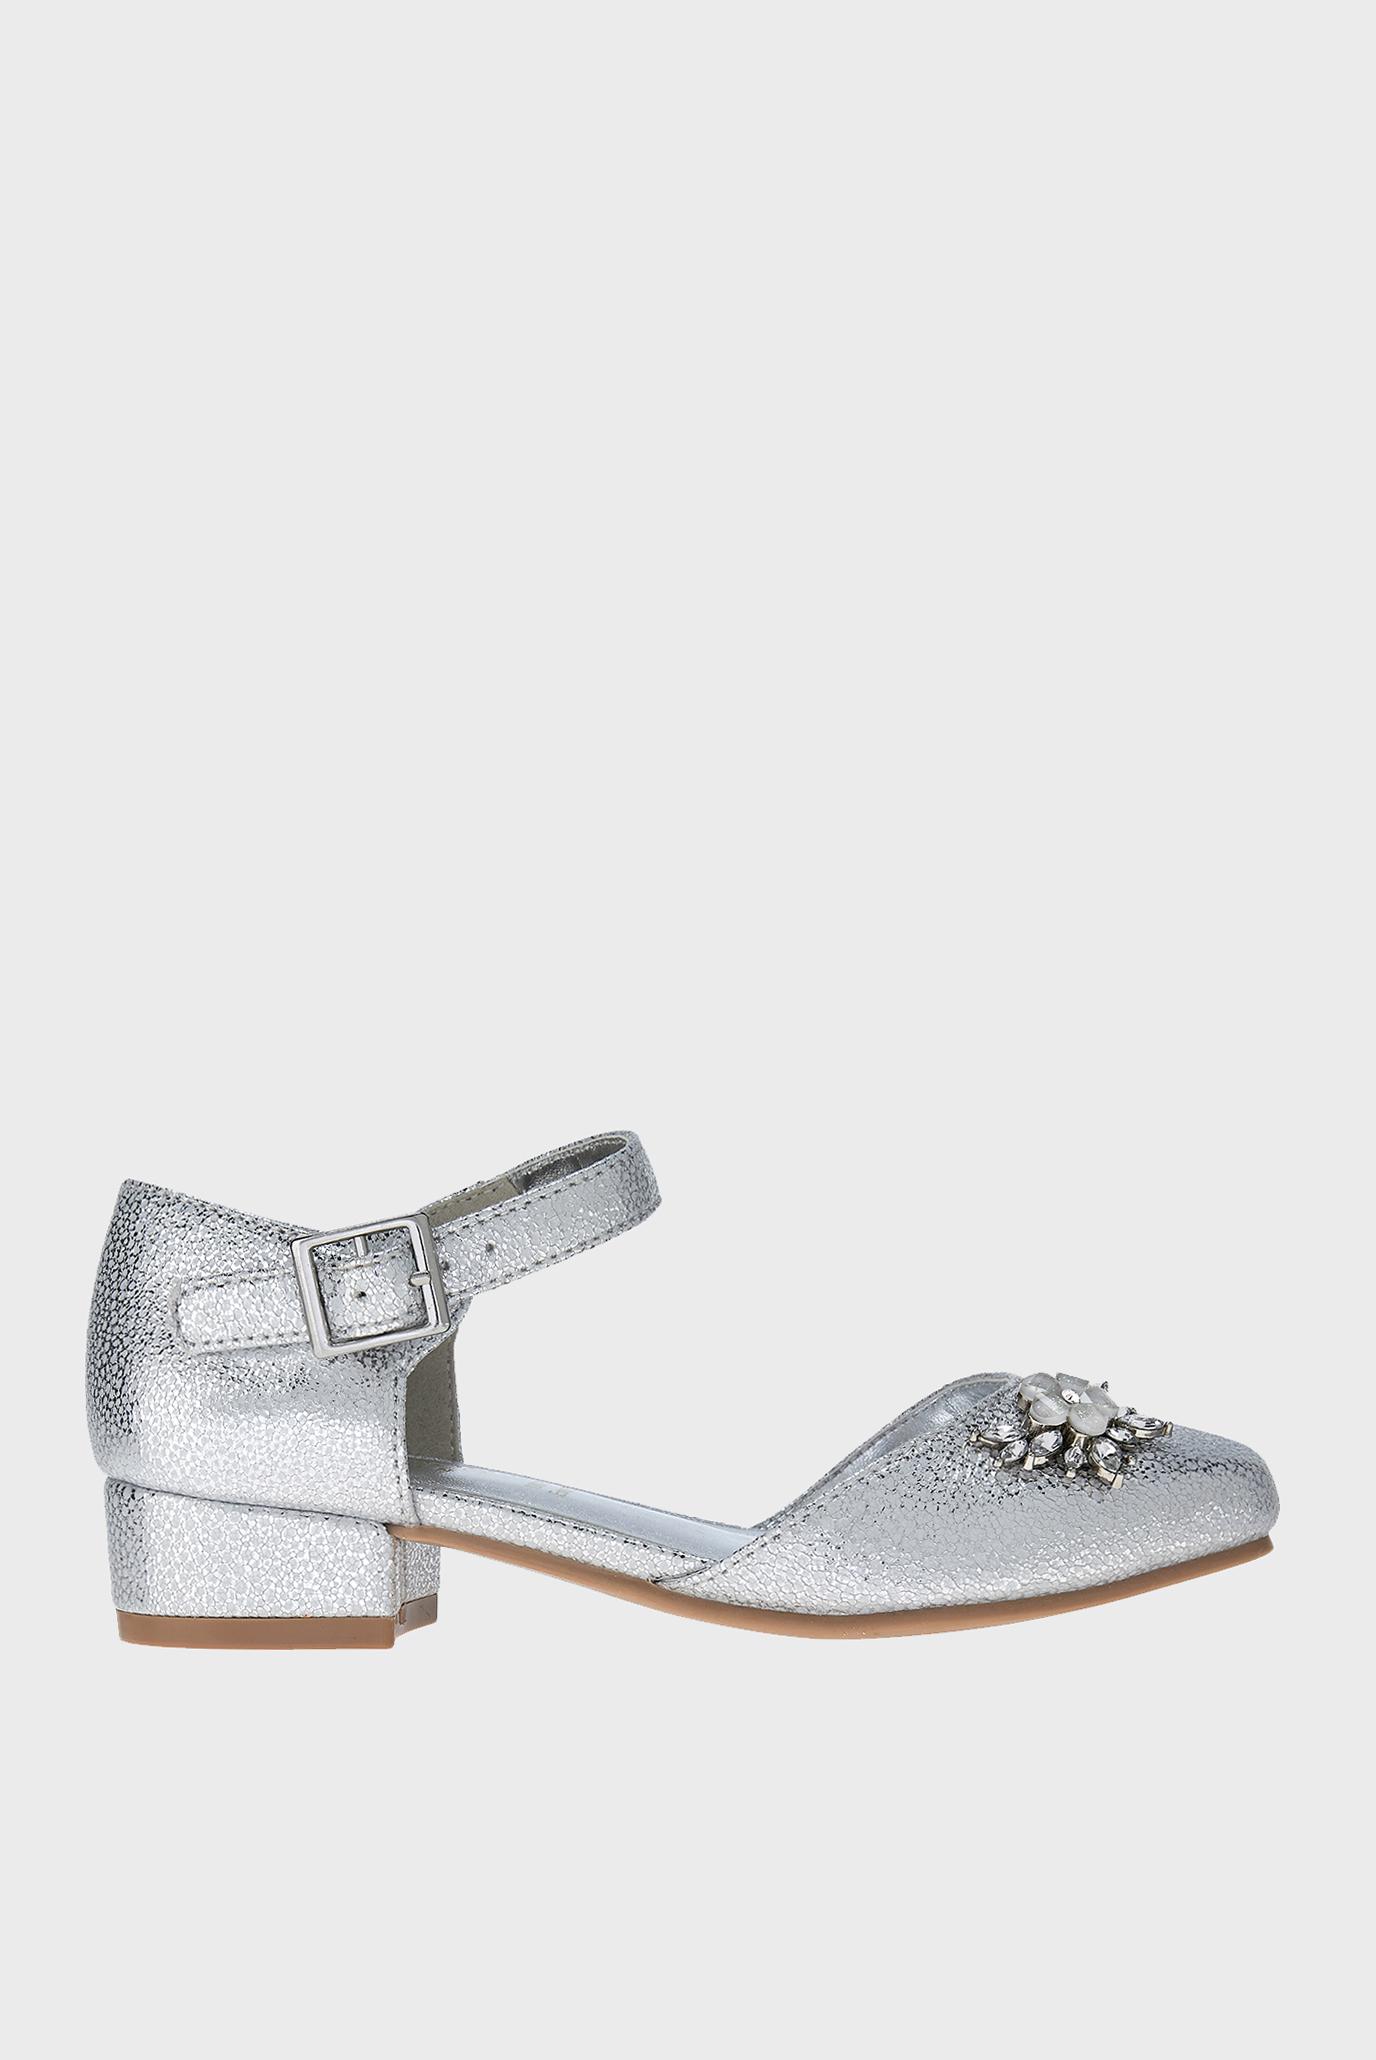 3a766d50 Купить Детские серебристые туфли Monsoon Children Monsoon Children 311020 –  Киев, Украина. Цены в интернет магазине MD Fashion